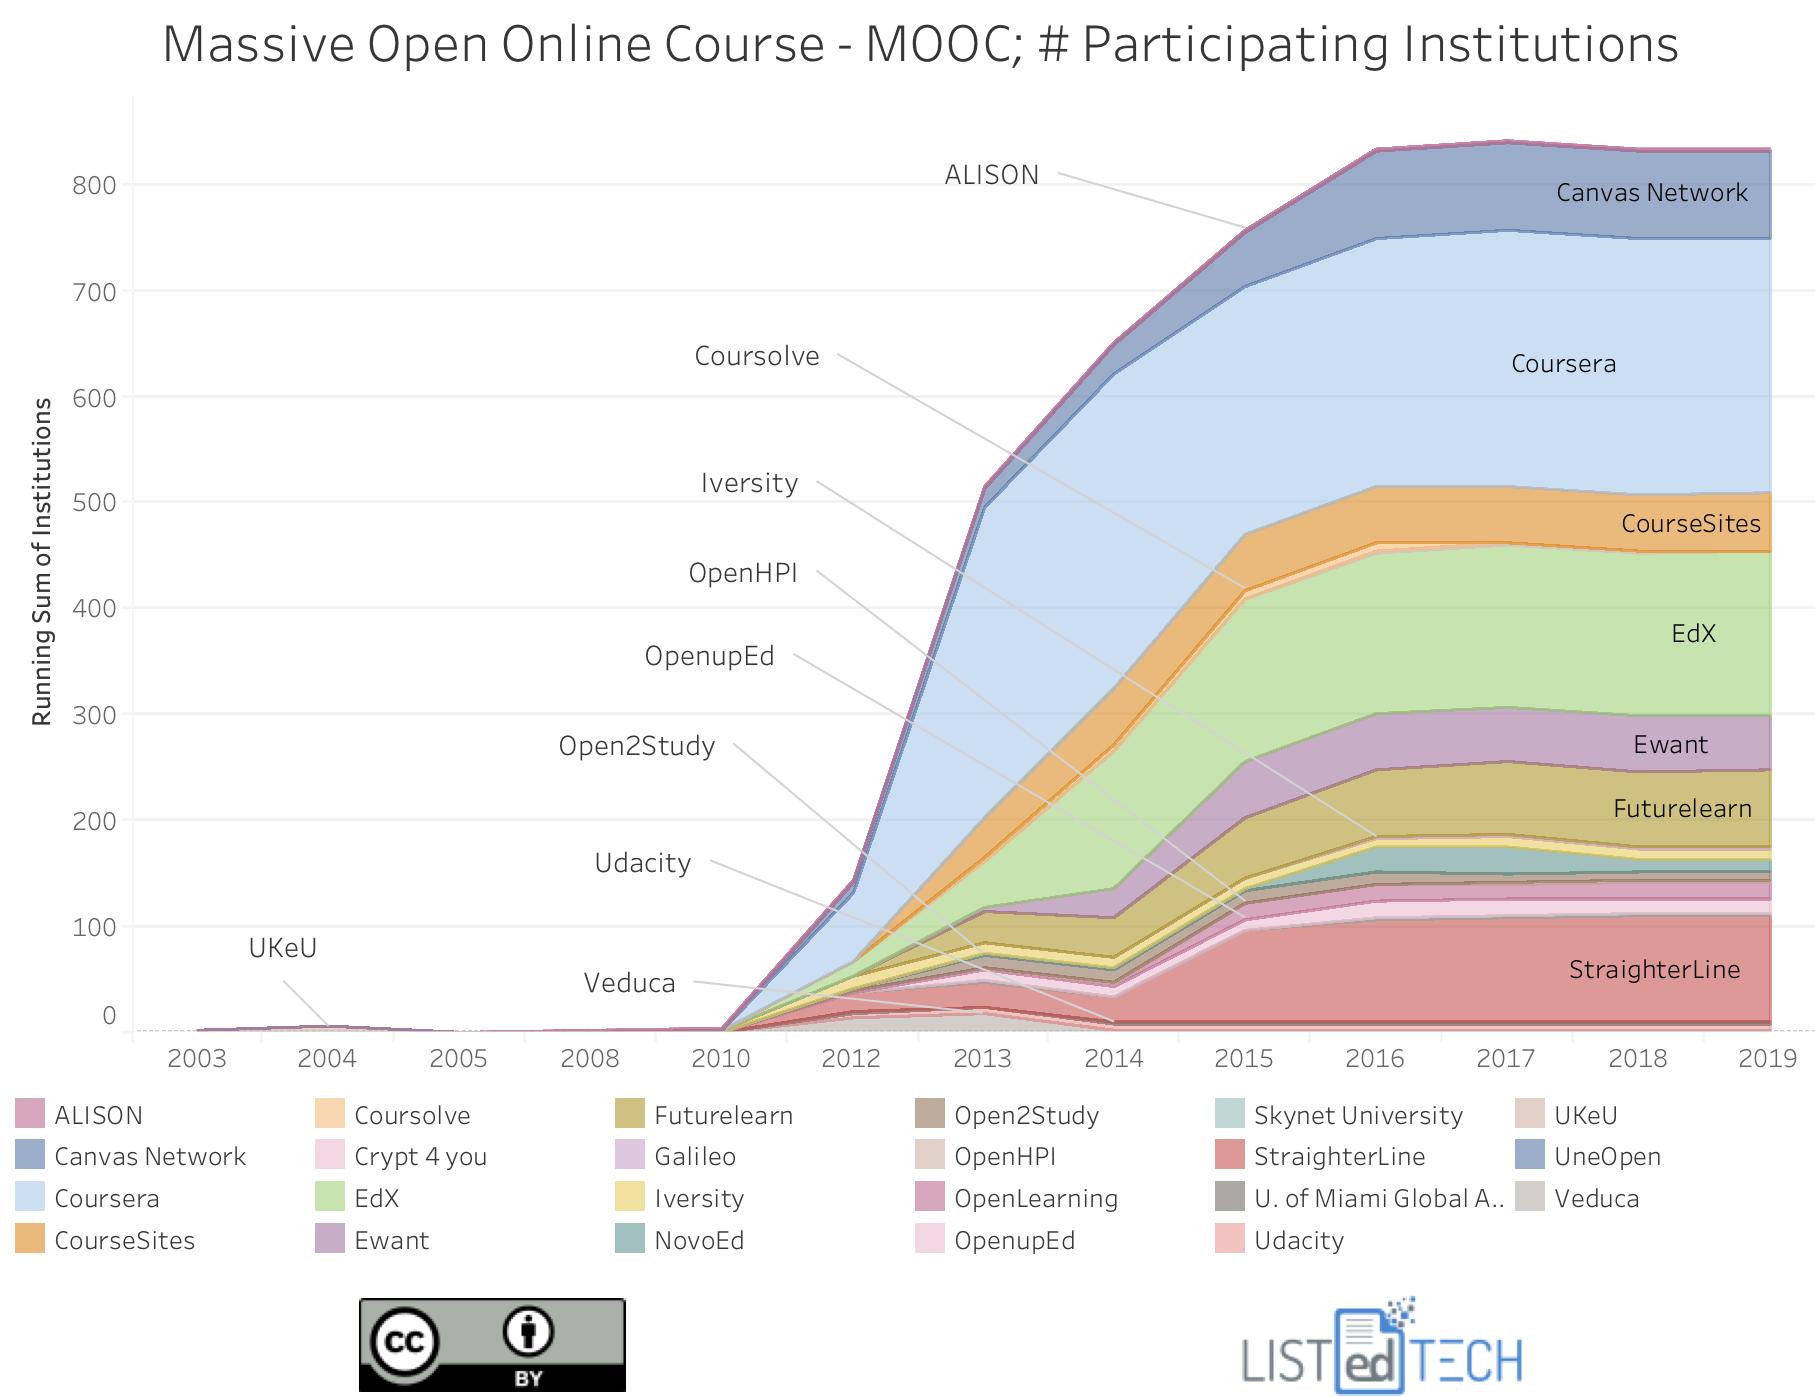 MOOC - LisTedTECH